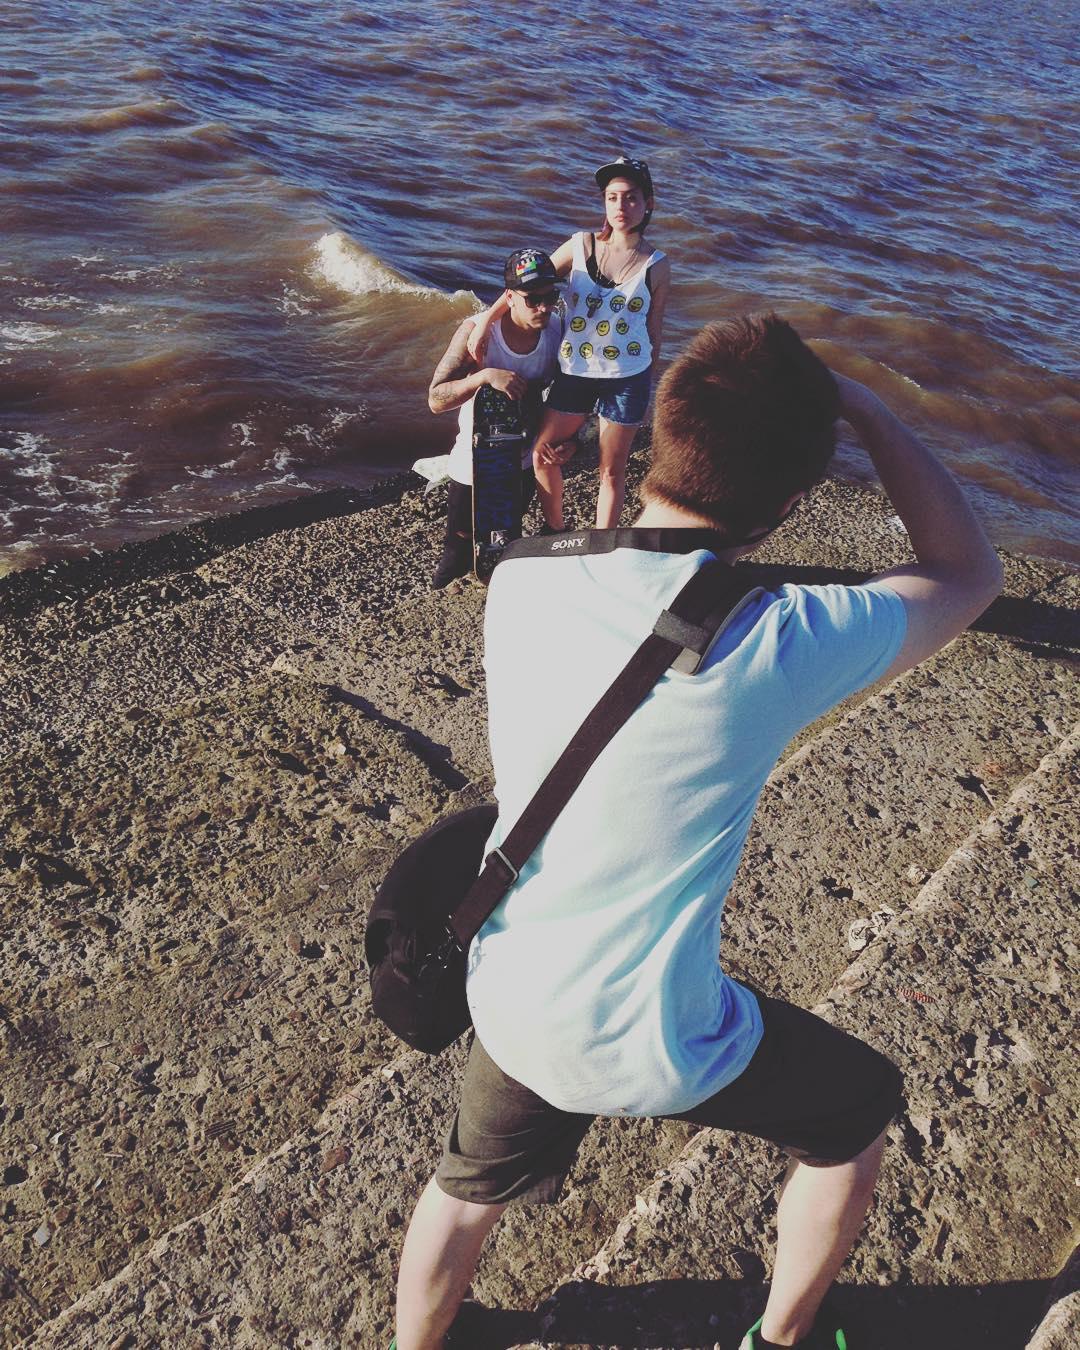 Río + sol + fotos! @redbatfoto